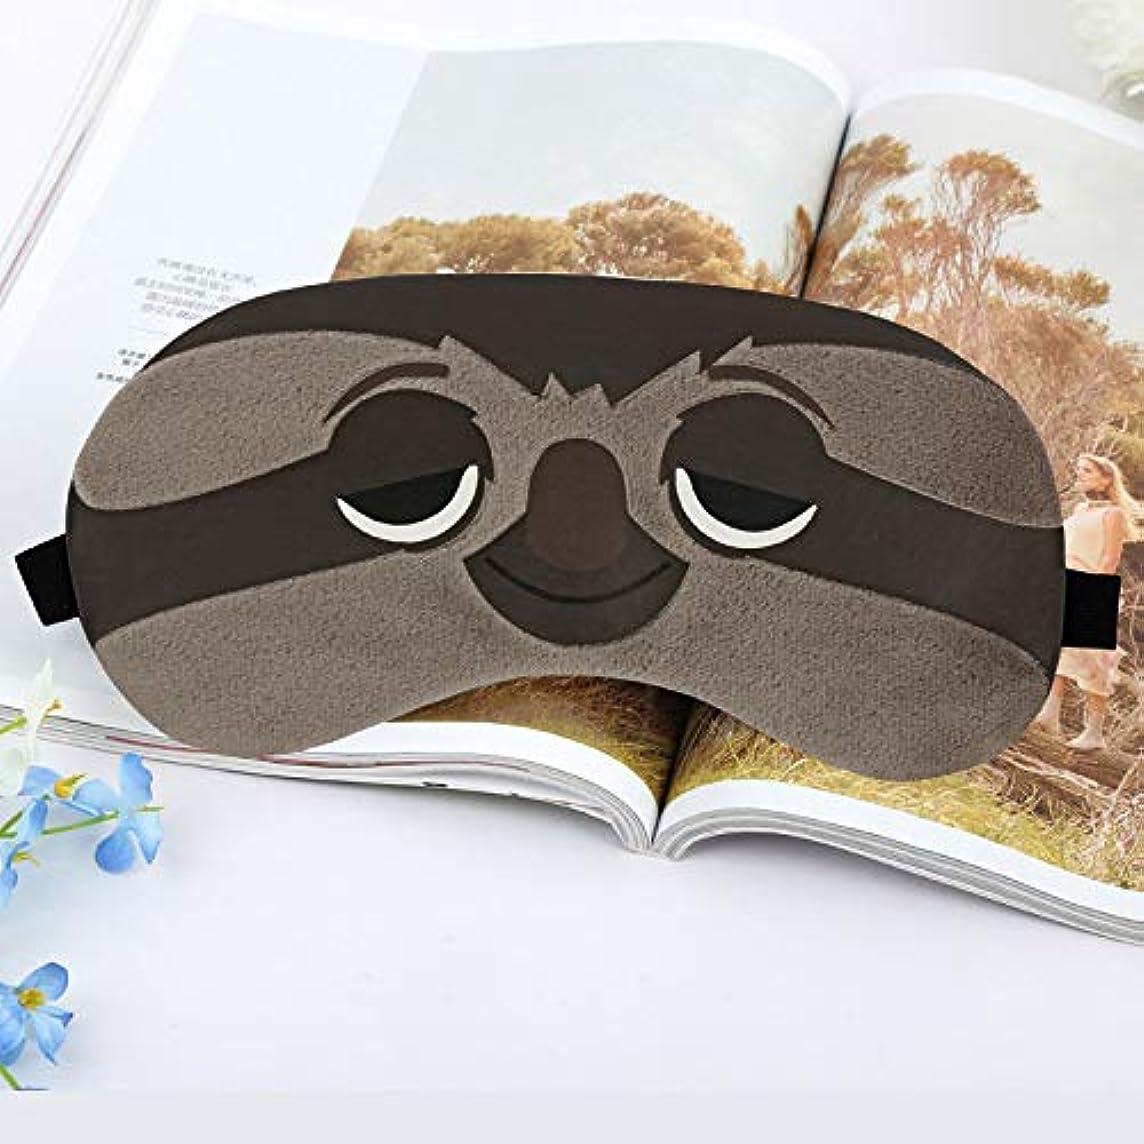 屋内でベーリング海峡つぶやきNOTE 漫画の睡眠アイマスクアニメアイス圧縮アイカバー睡眠マスク子供コールドジェルパック目隠し旅行残りアイパッチ